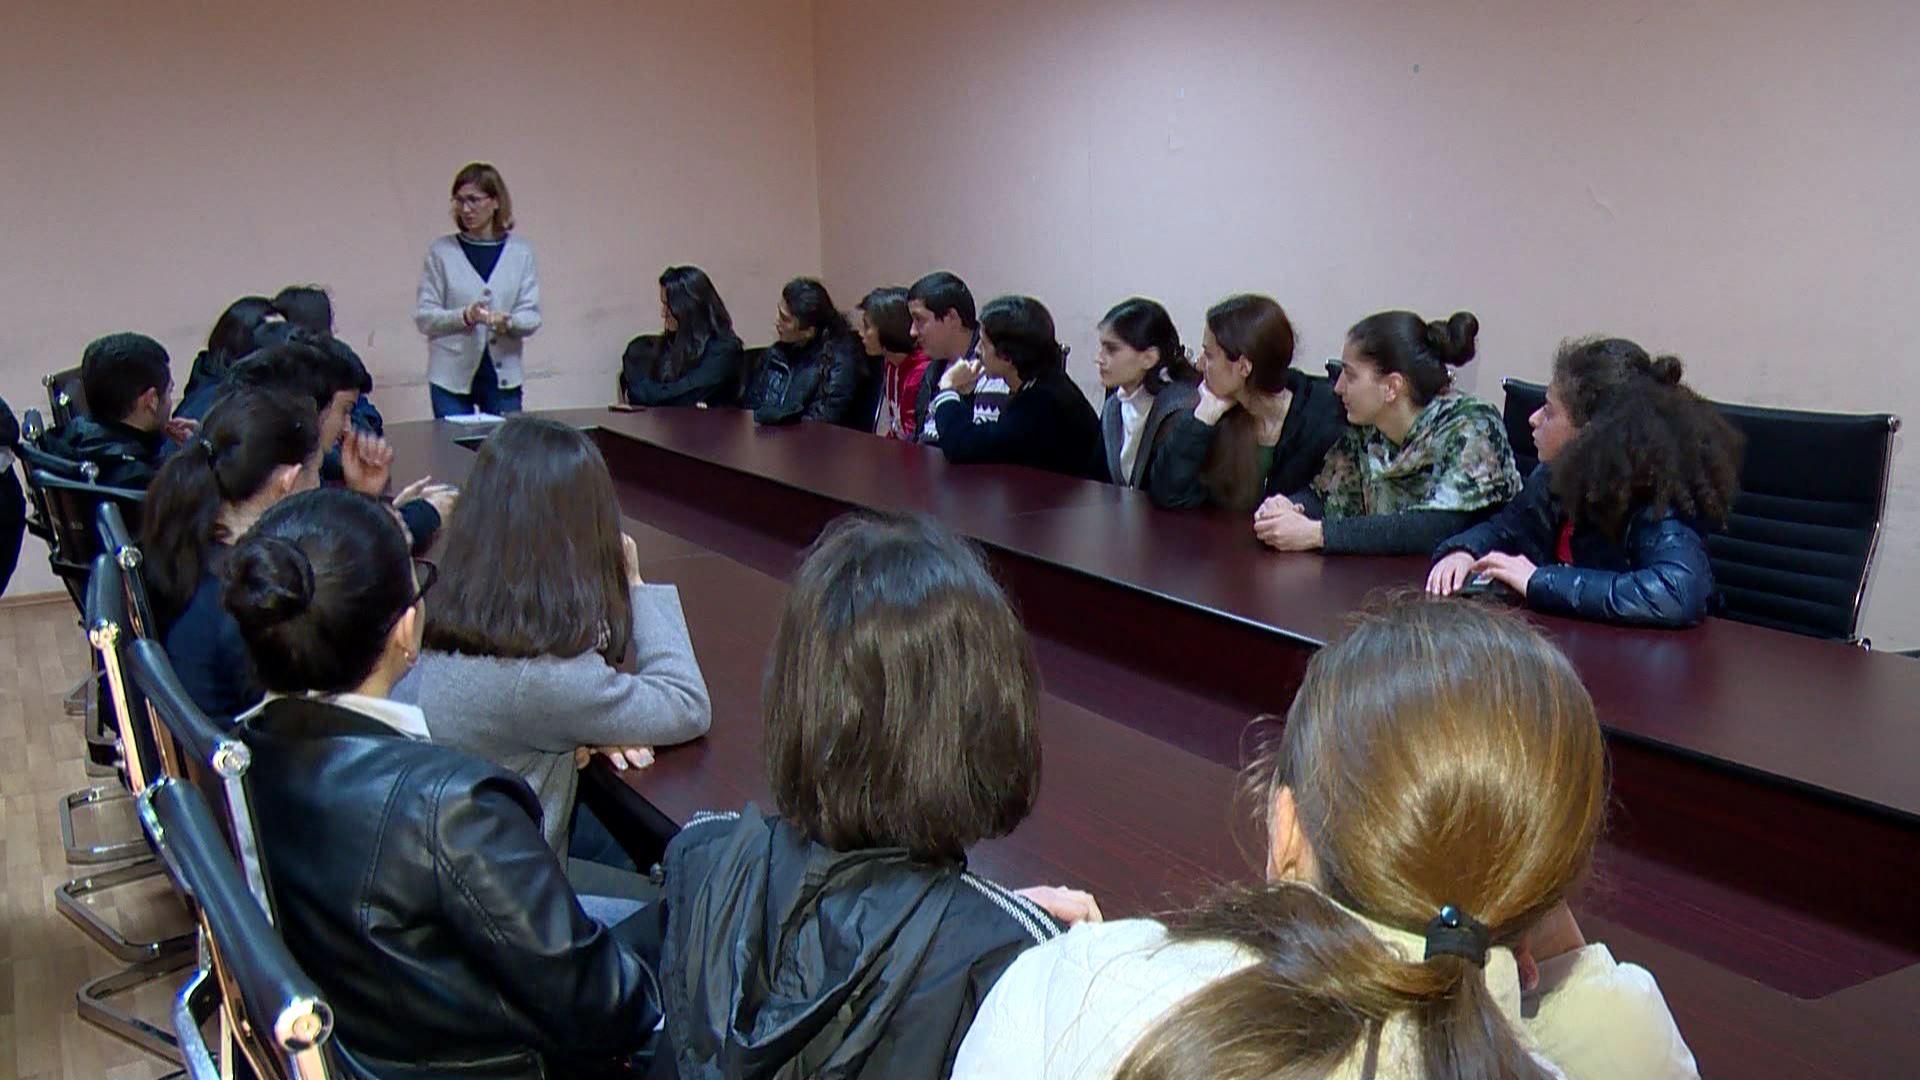 """""""შშმ პირების სოციალური აქტიურობა და ინკლუზიური განათლება""""- სემინარი ქედაში"""